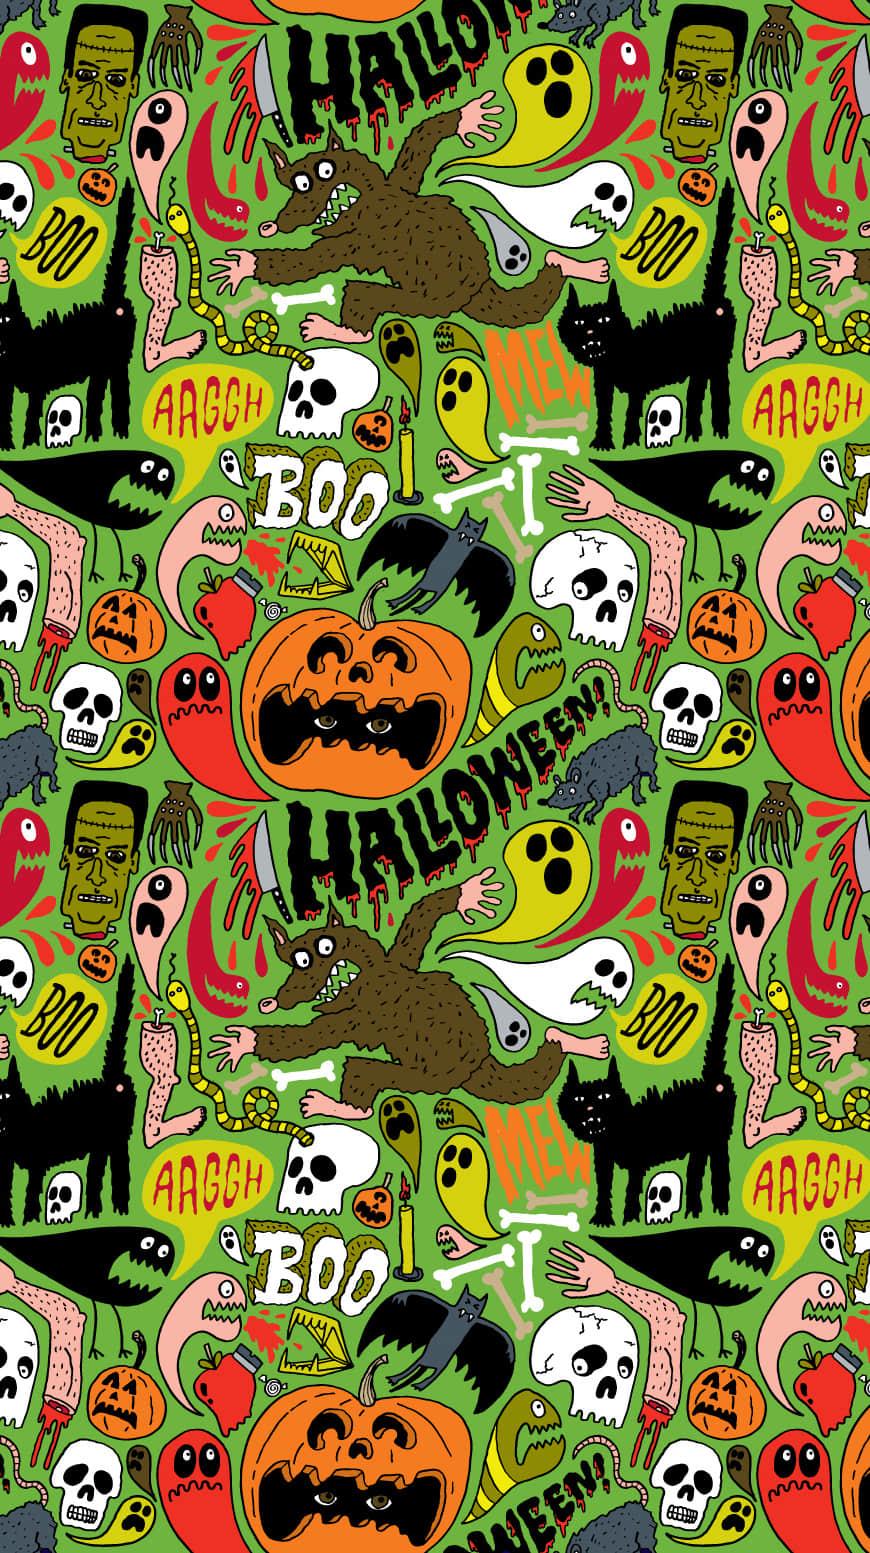 万圣节Halloween高清4K壁纸,壁纸尺寸870*1553